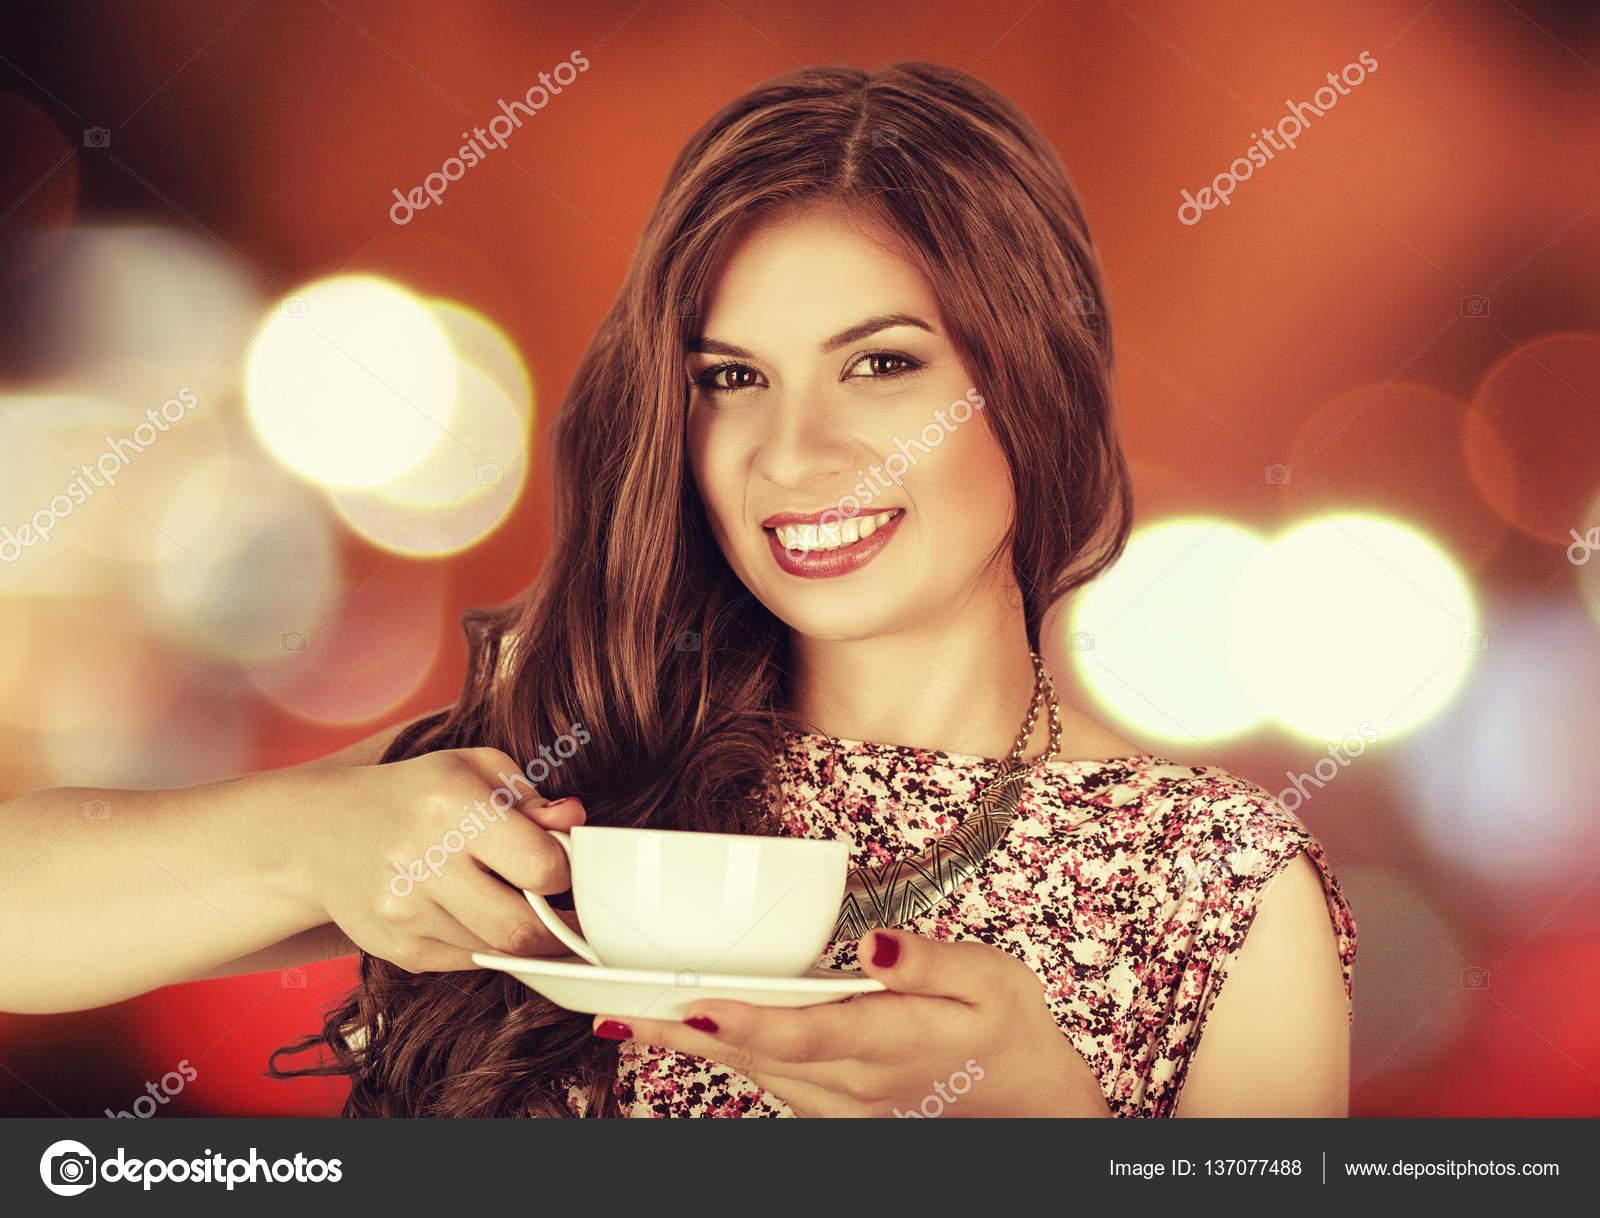 Красивая девушка пьет чай фото